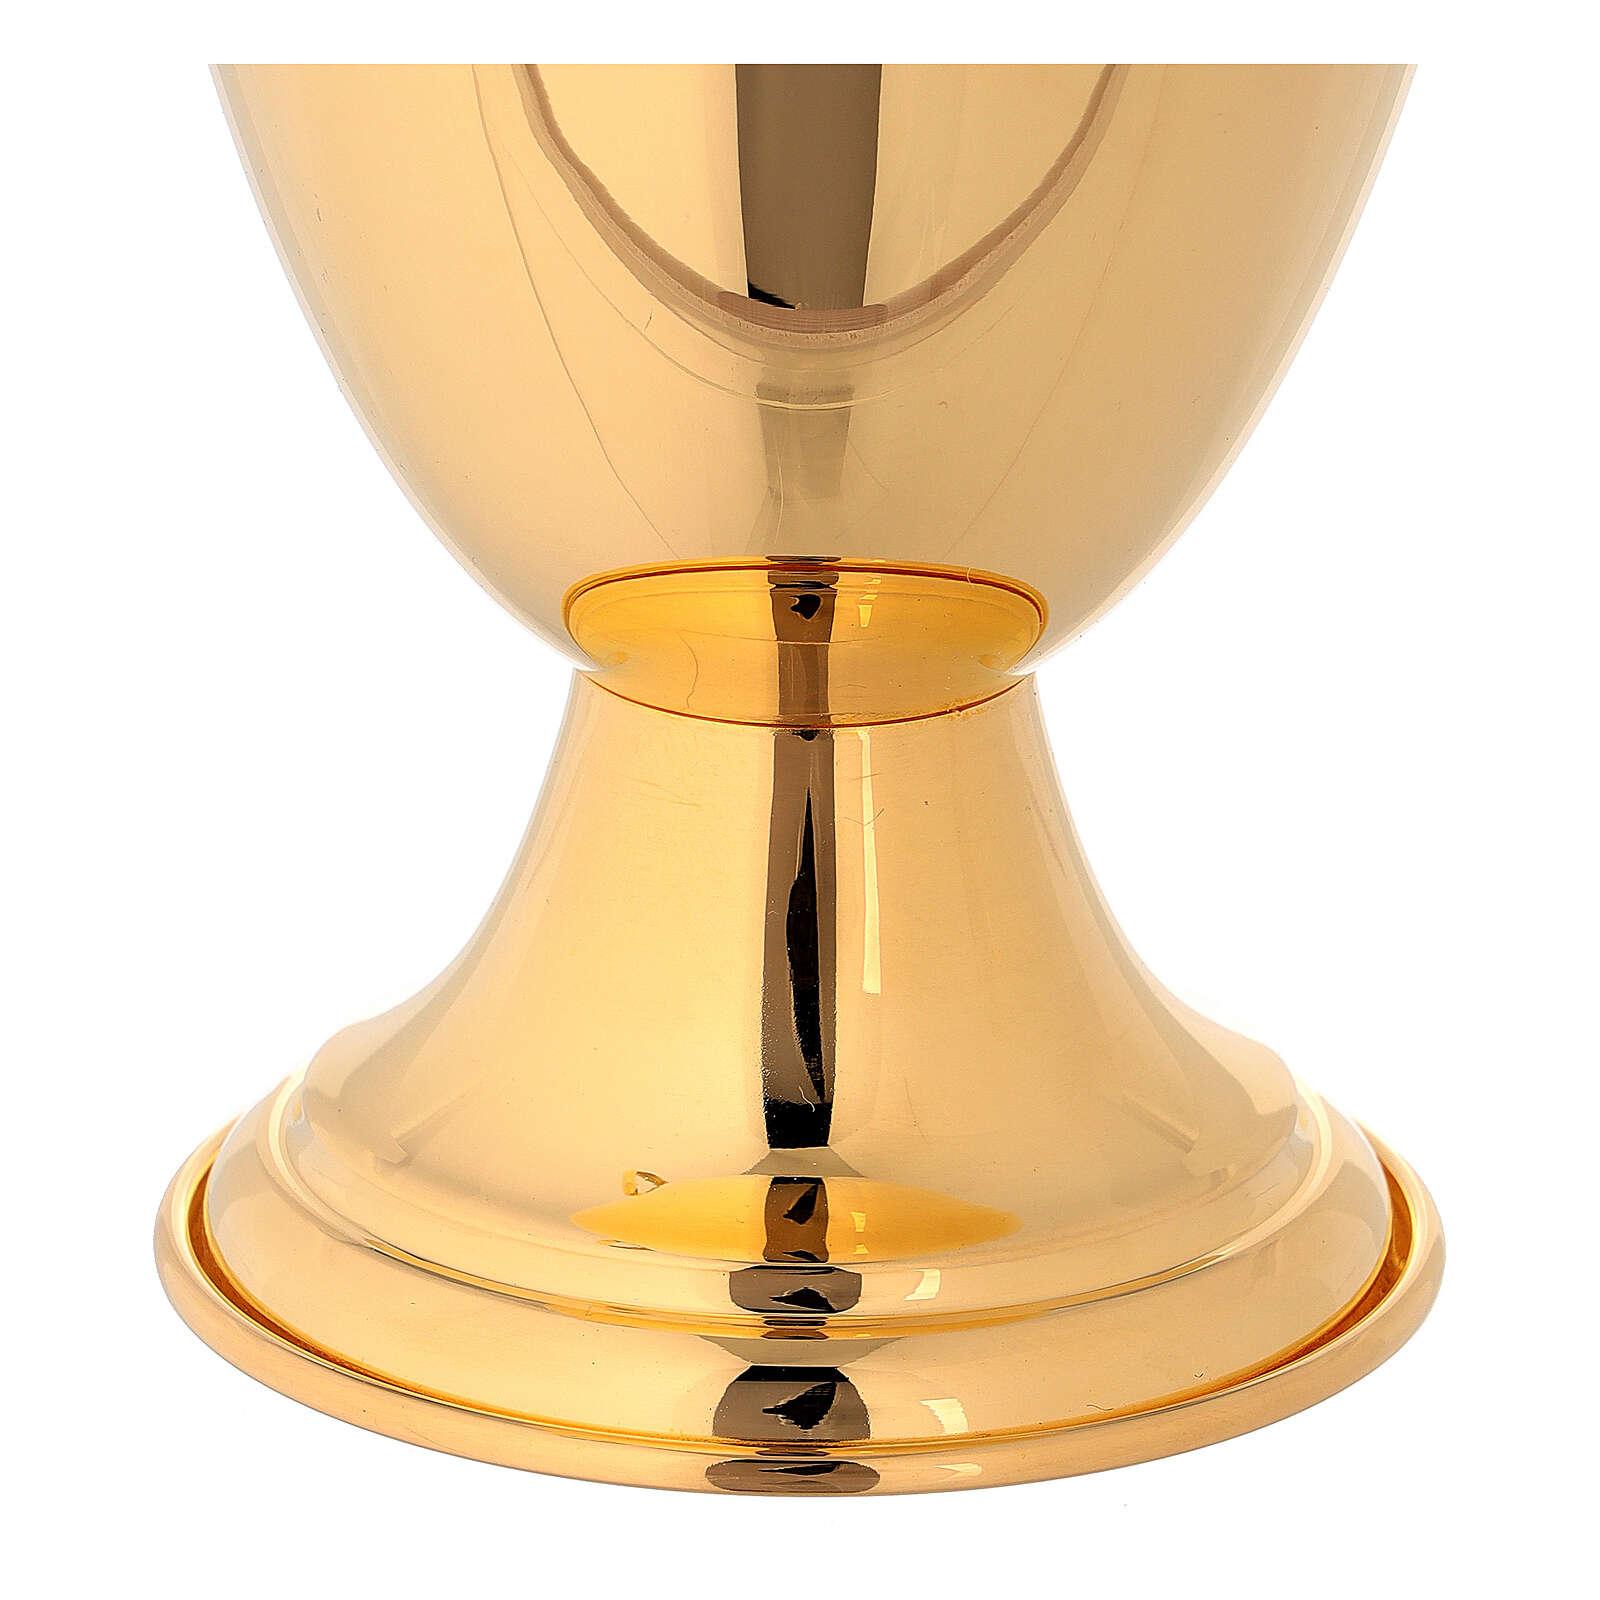 Aiguière pour manuterge classique dorée 3